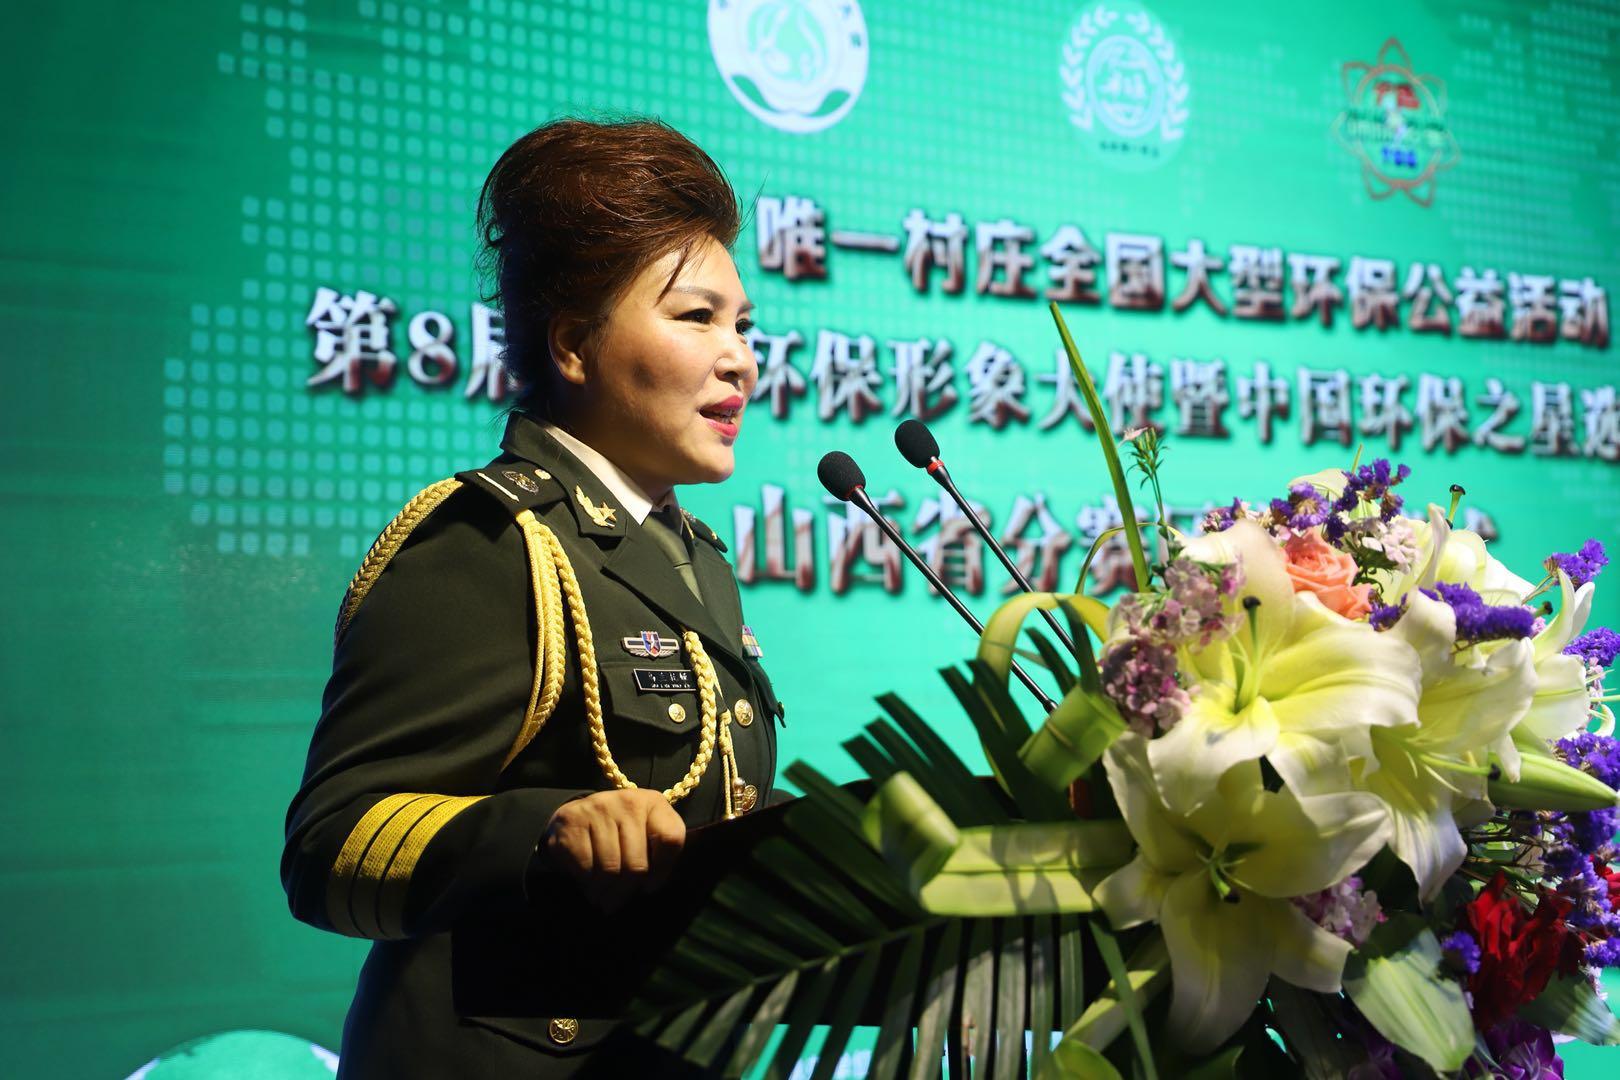 中国环保形象大使、著名军旅歌手乌兰托娅代表文艺界讲话.jpg